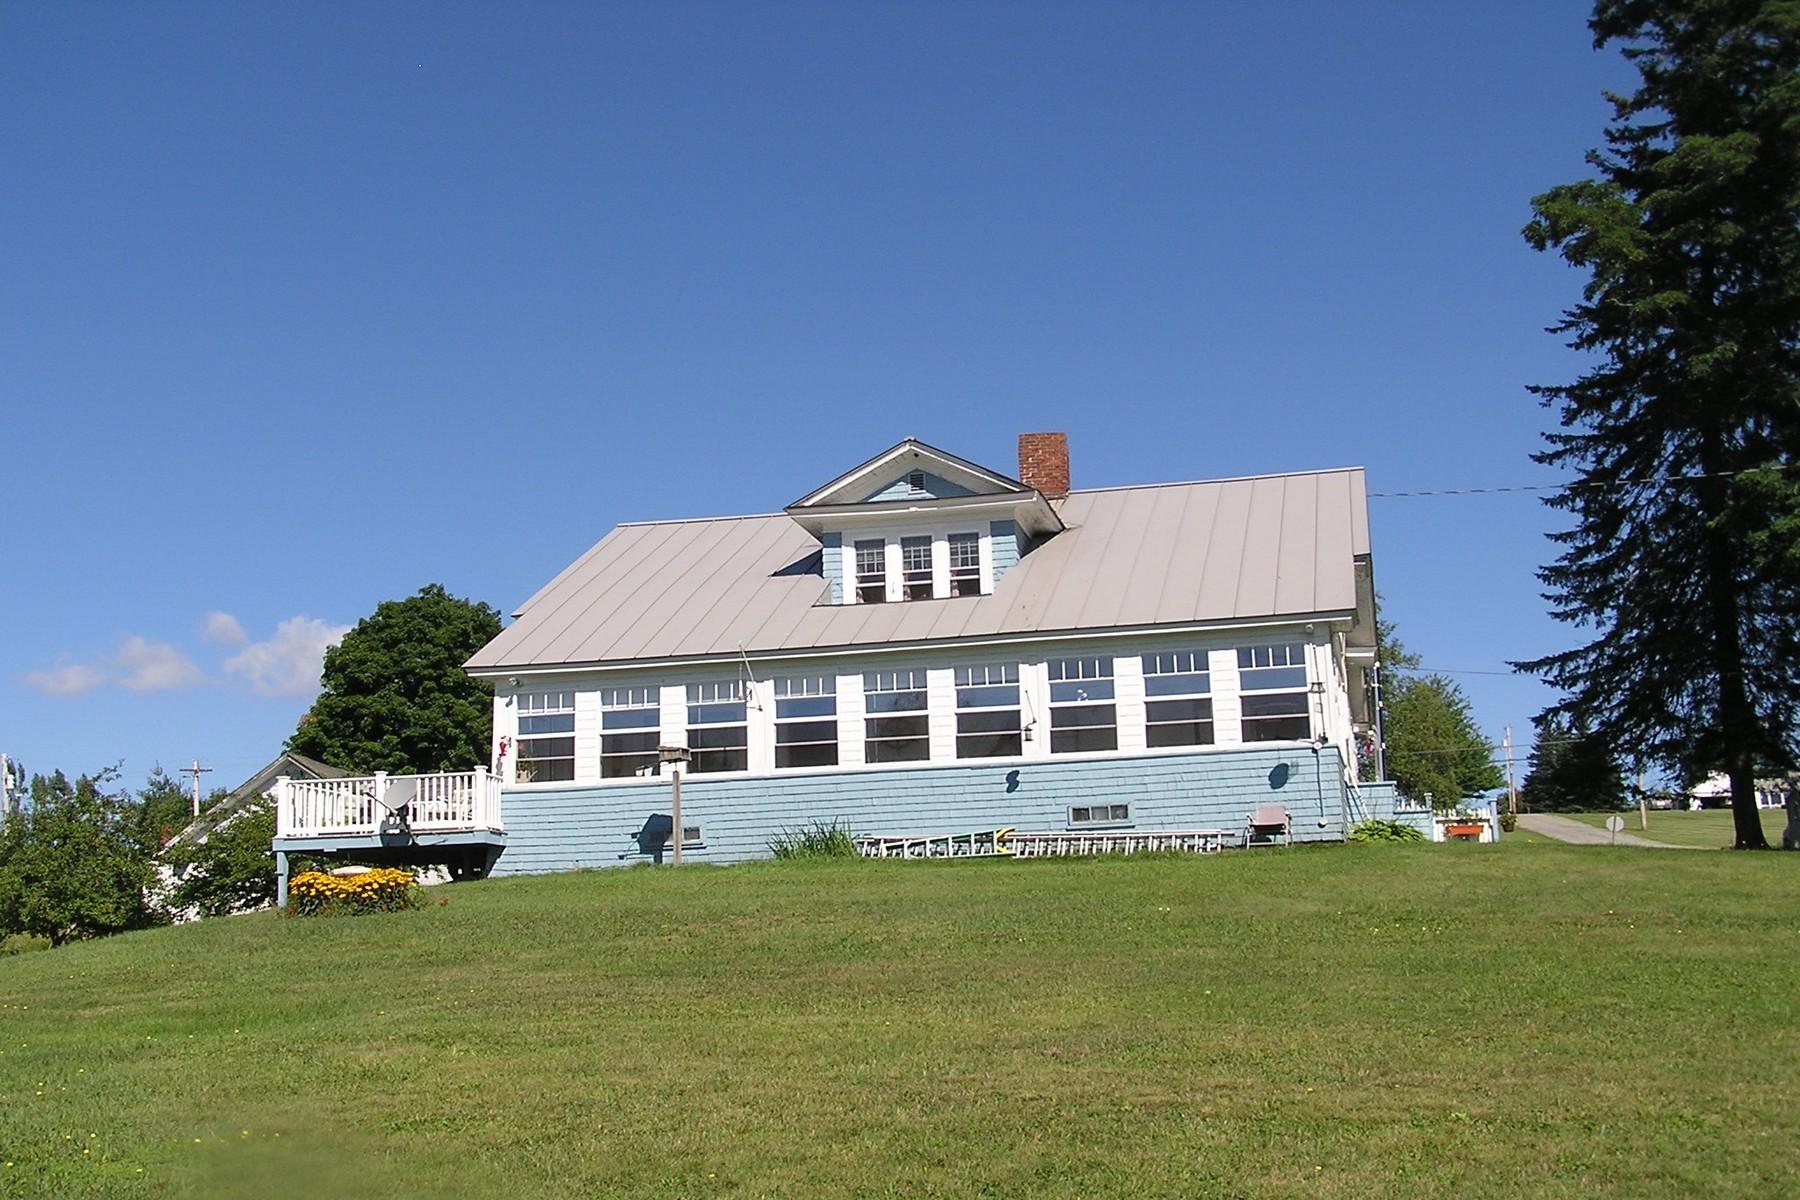 Casa Unifamiliar por un Venta en 220 Eastern Avenue, Barton Barton, Vermont, 05822 Estados Unidos